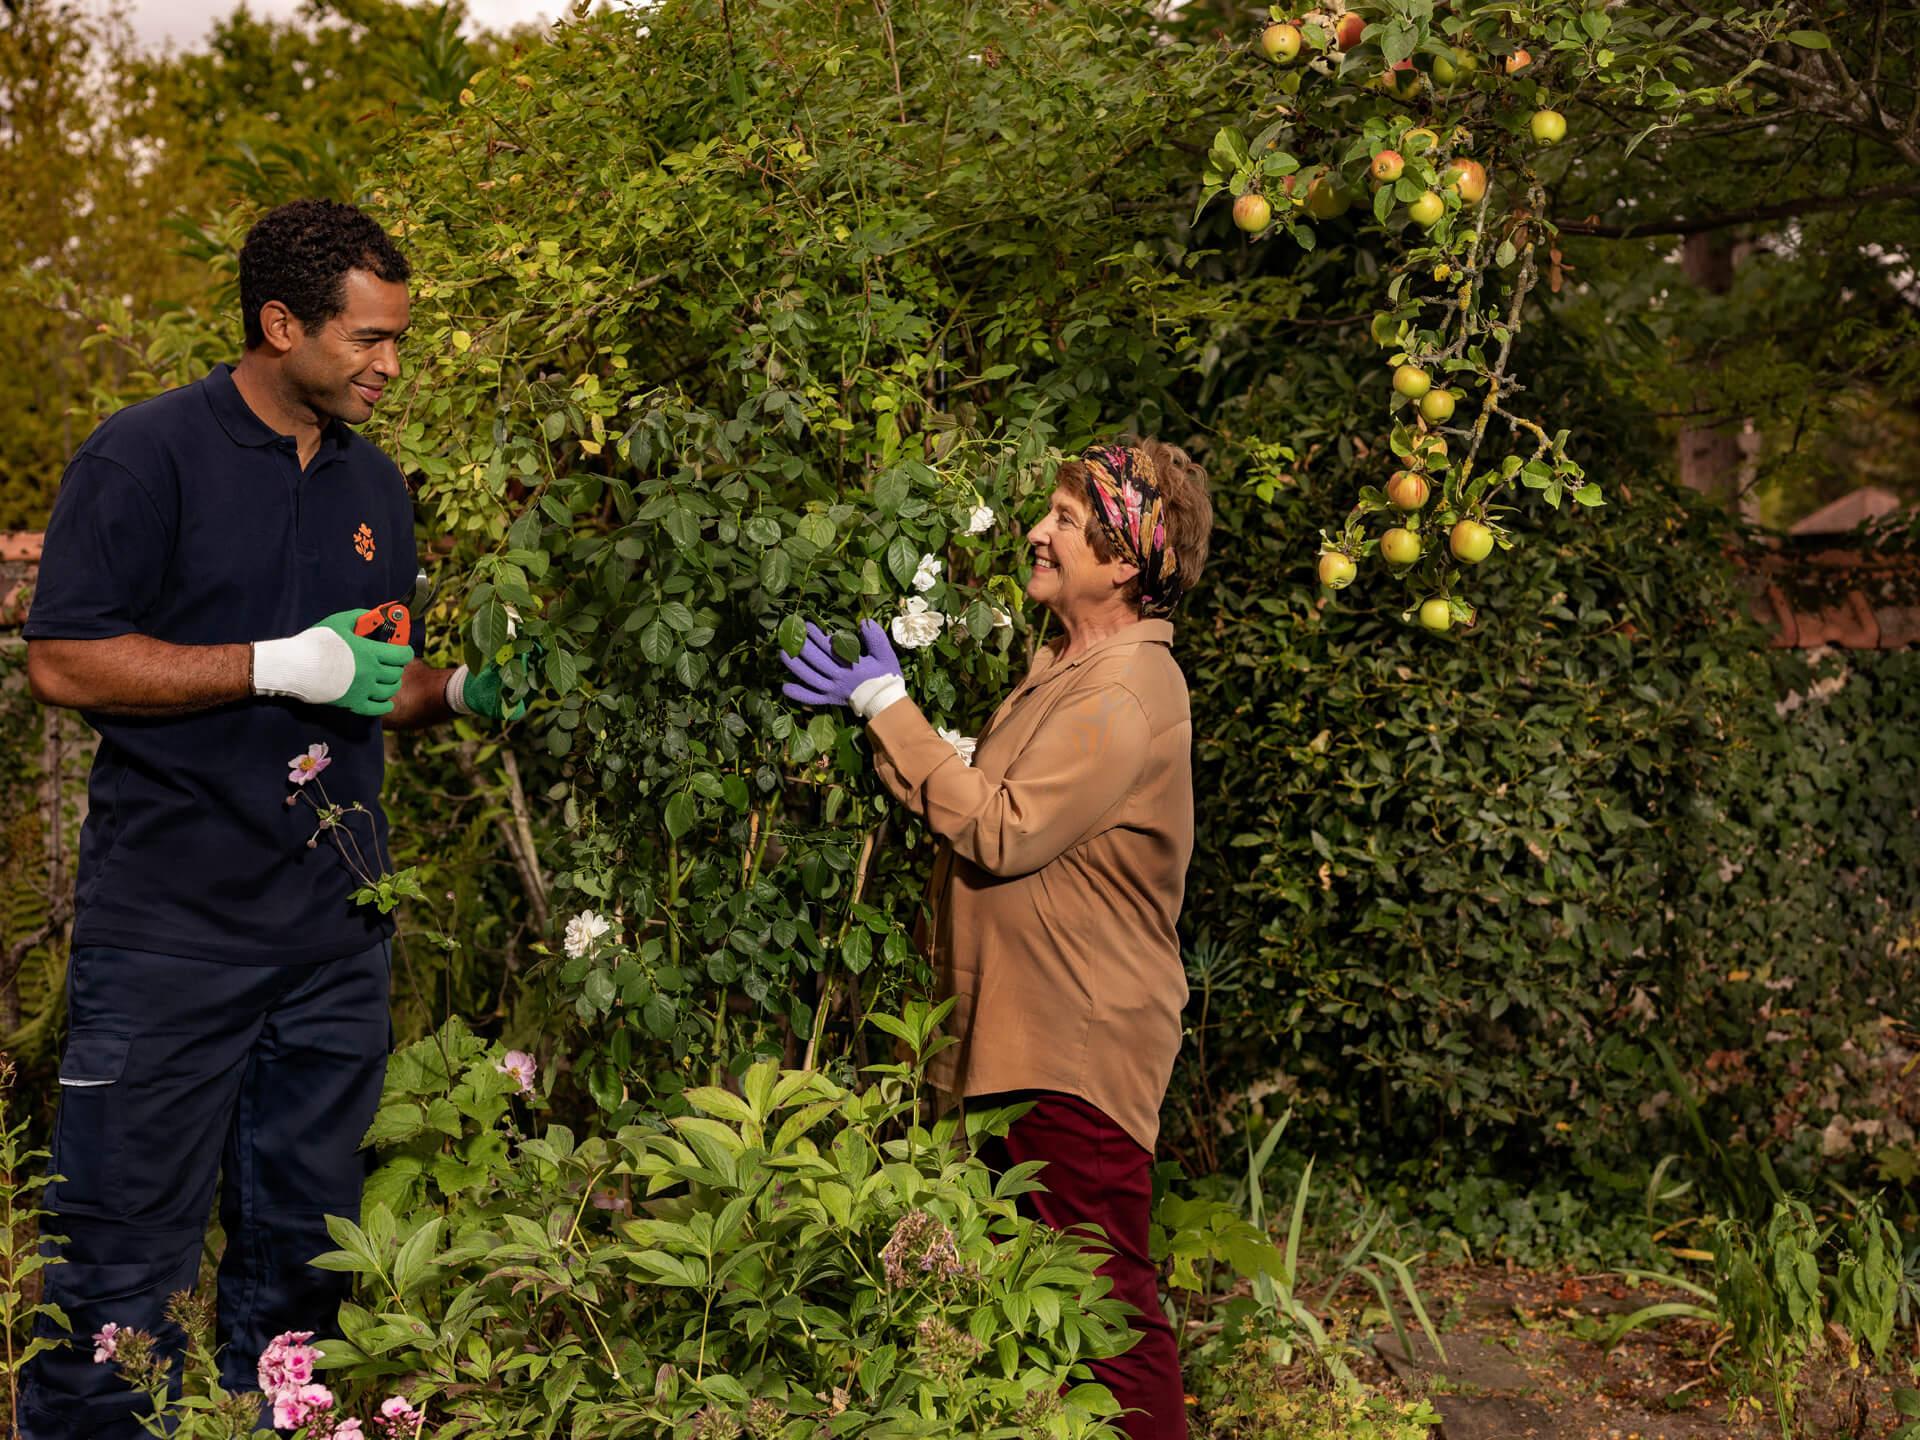 Homme Age d'Or aidant une femme âgée à jardiner